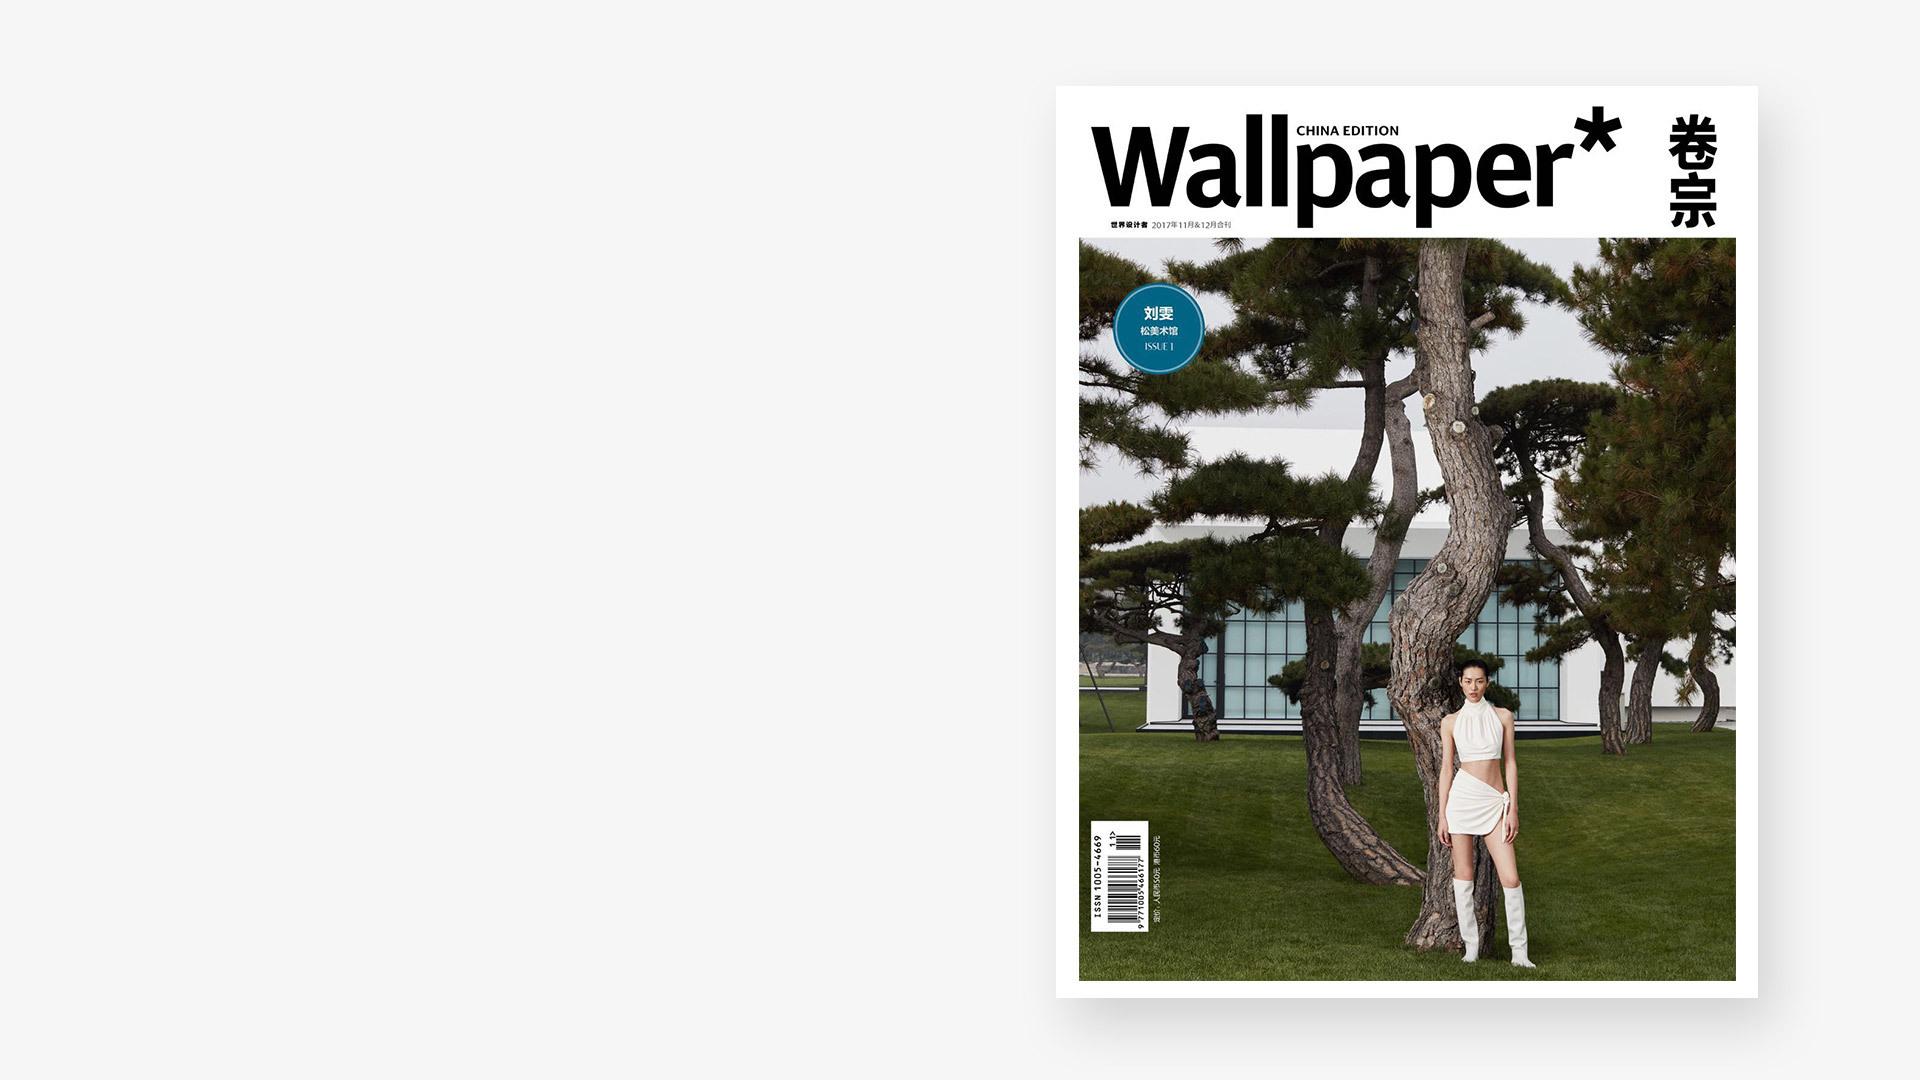 《Wallpaper*卷宗》创刊号<br/>寻找光与影的装饰灵感